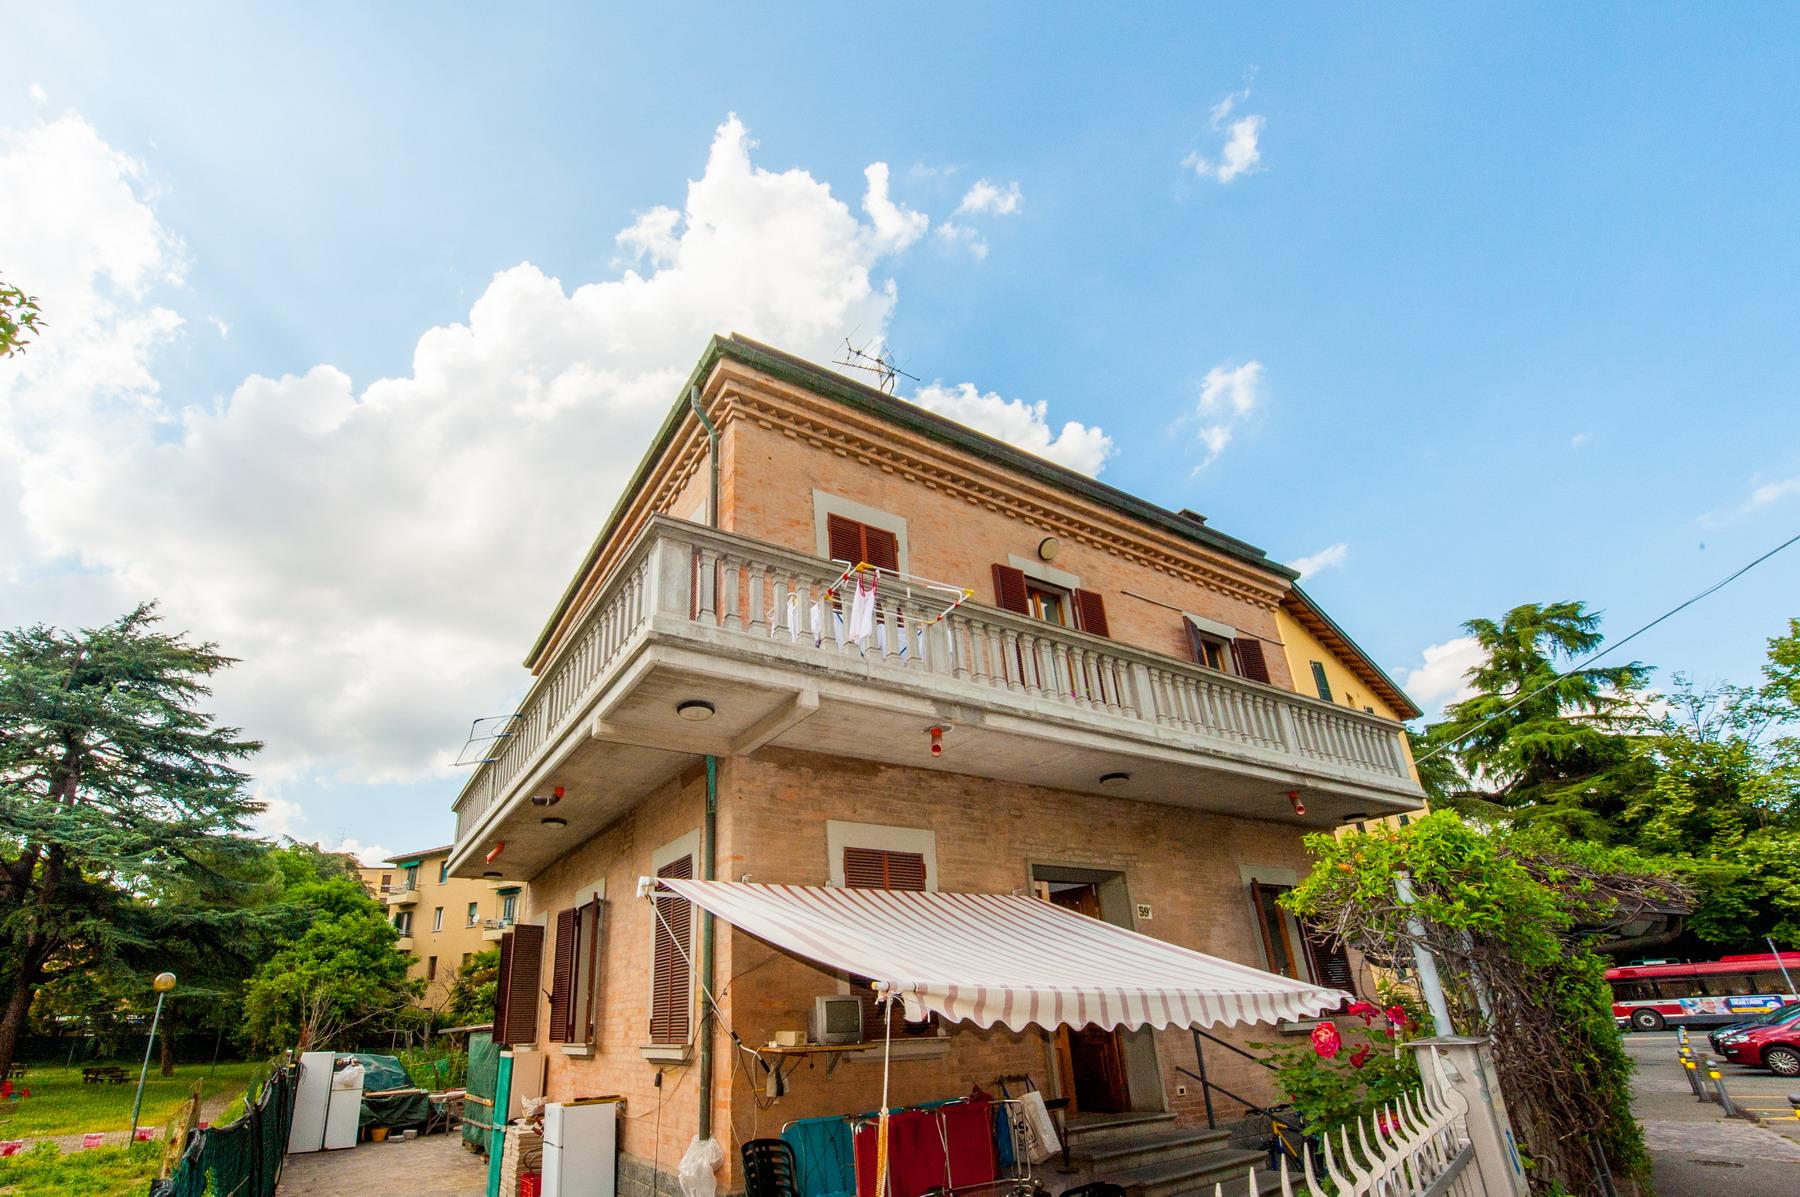 S. Donato villa bifamiliare con giardino privato 720.000